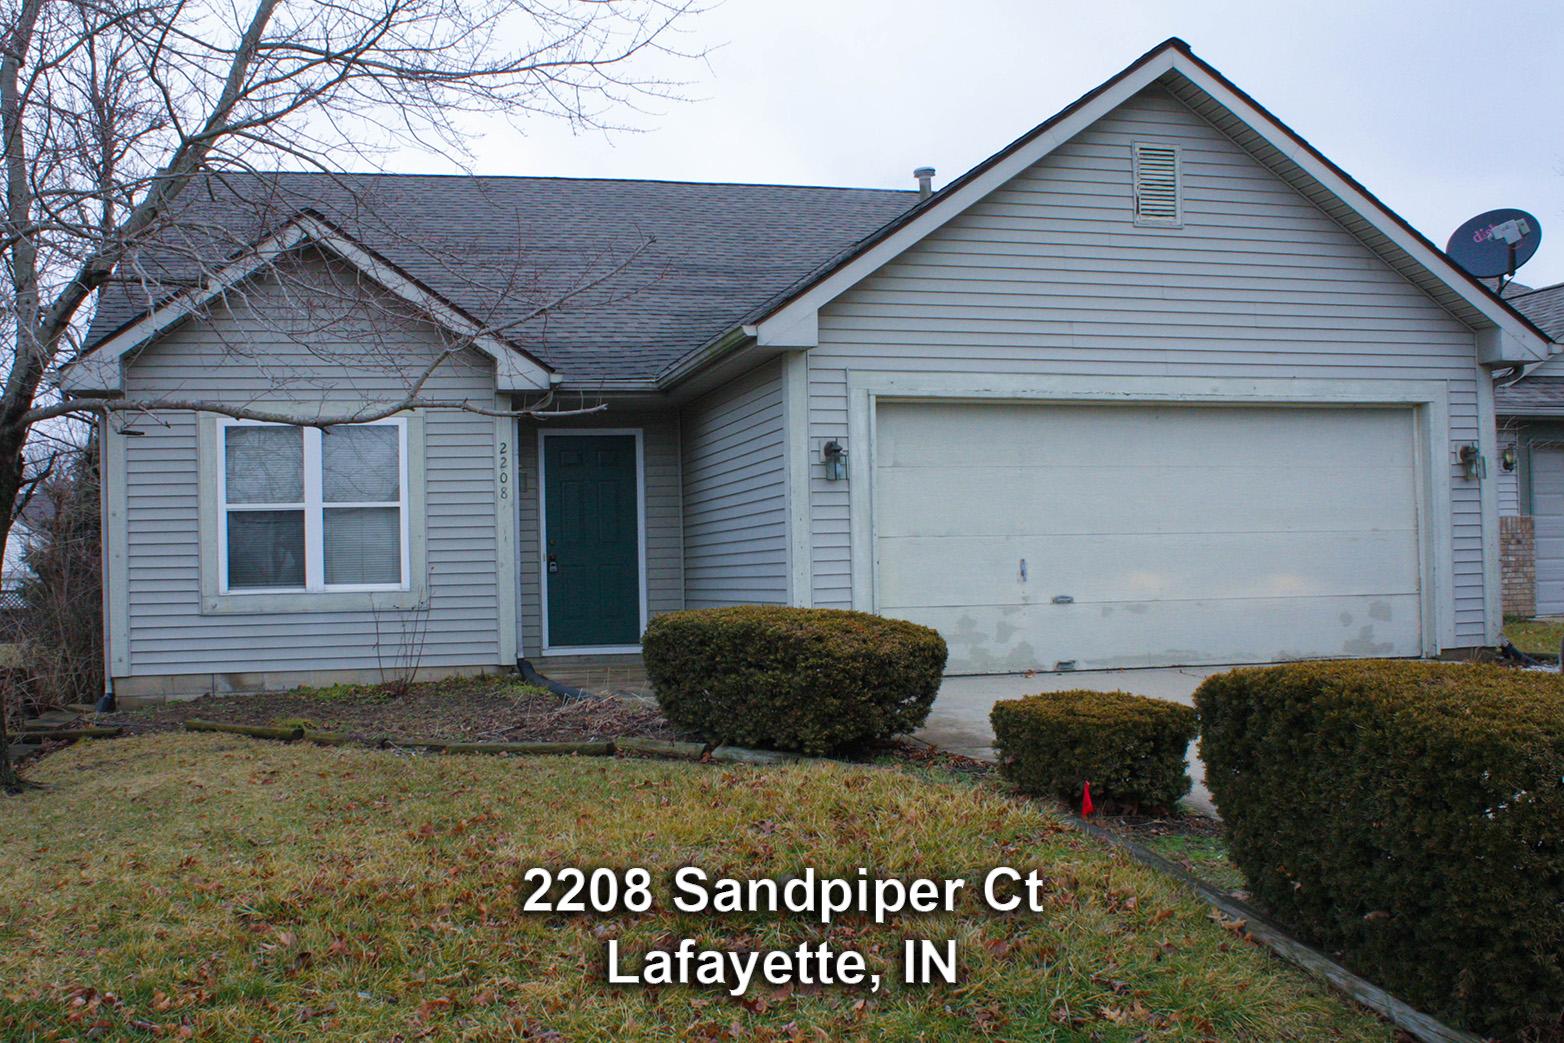 2208 Sandpiper Ct – Lafayette, IN